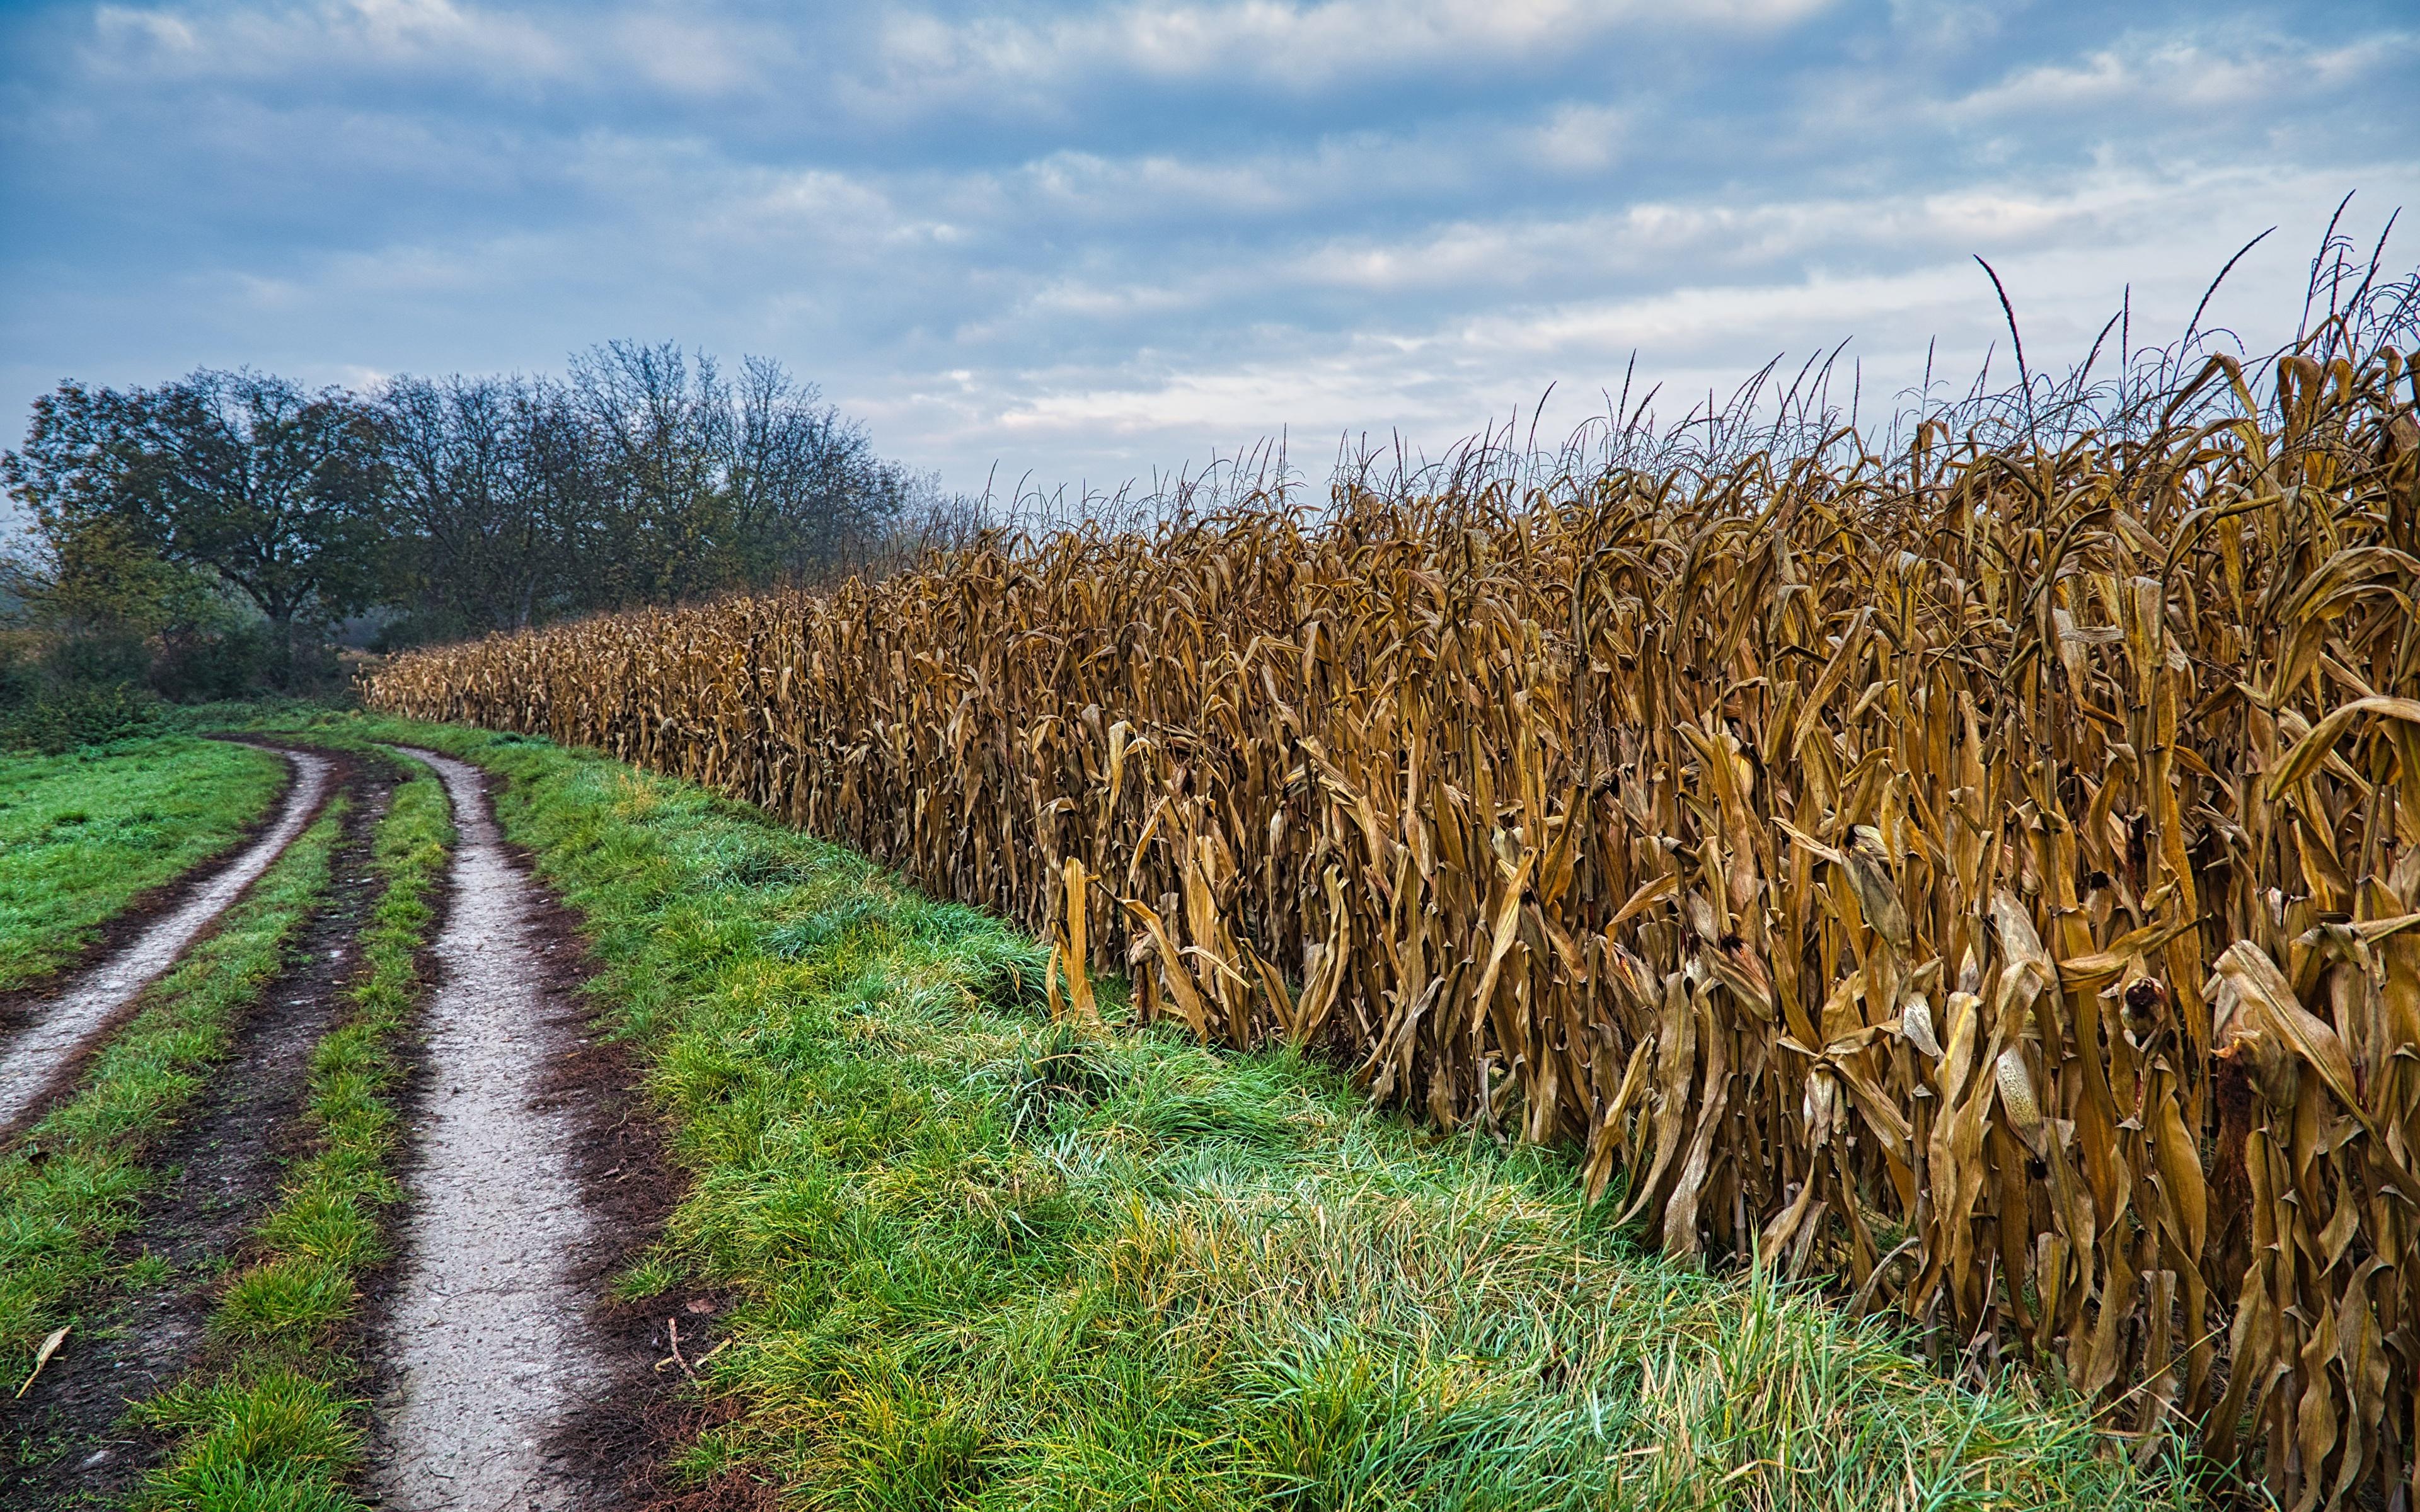 Фото Природа Кукуруза Поля Дороги Трава 3840x2400 траве